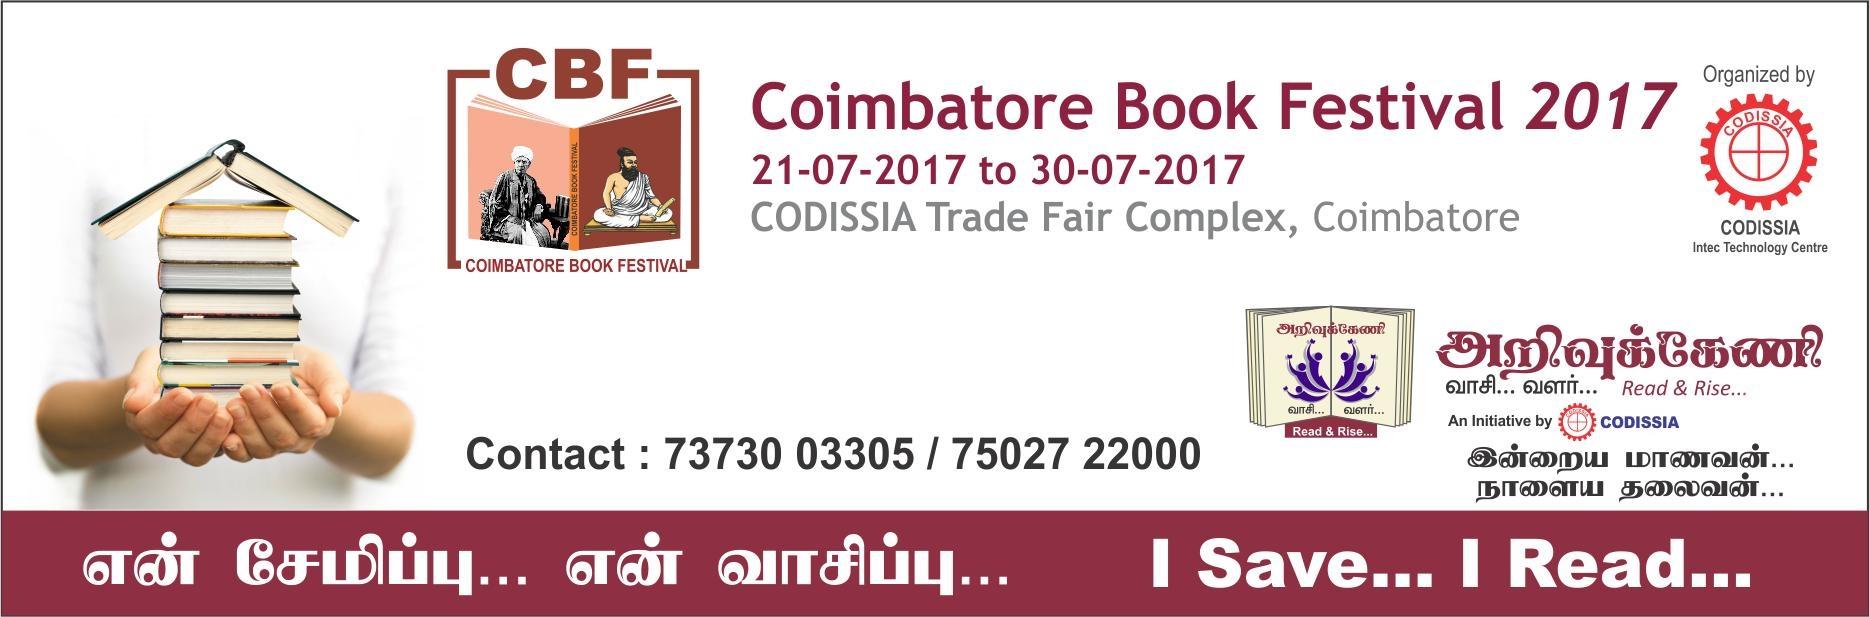 coimbatore book festival 2017